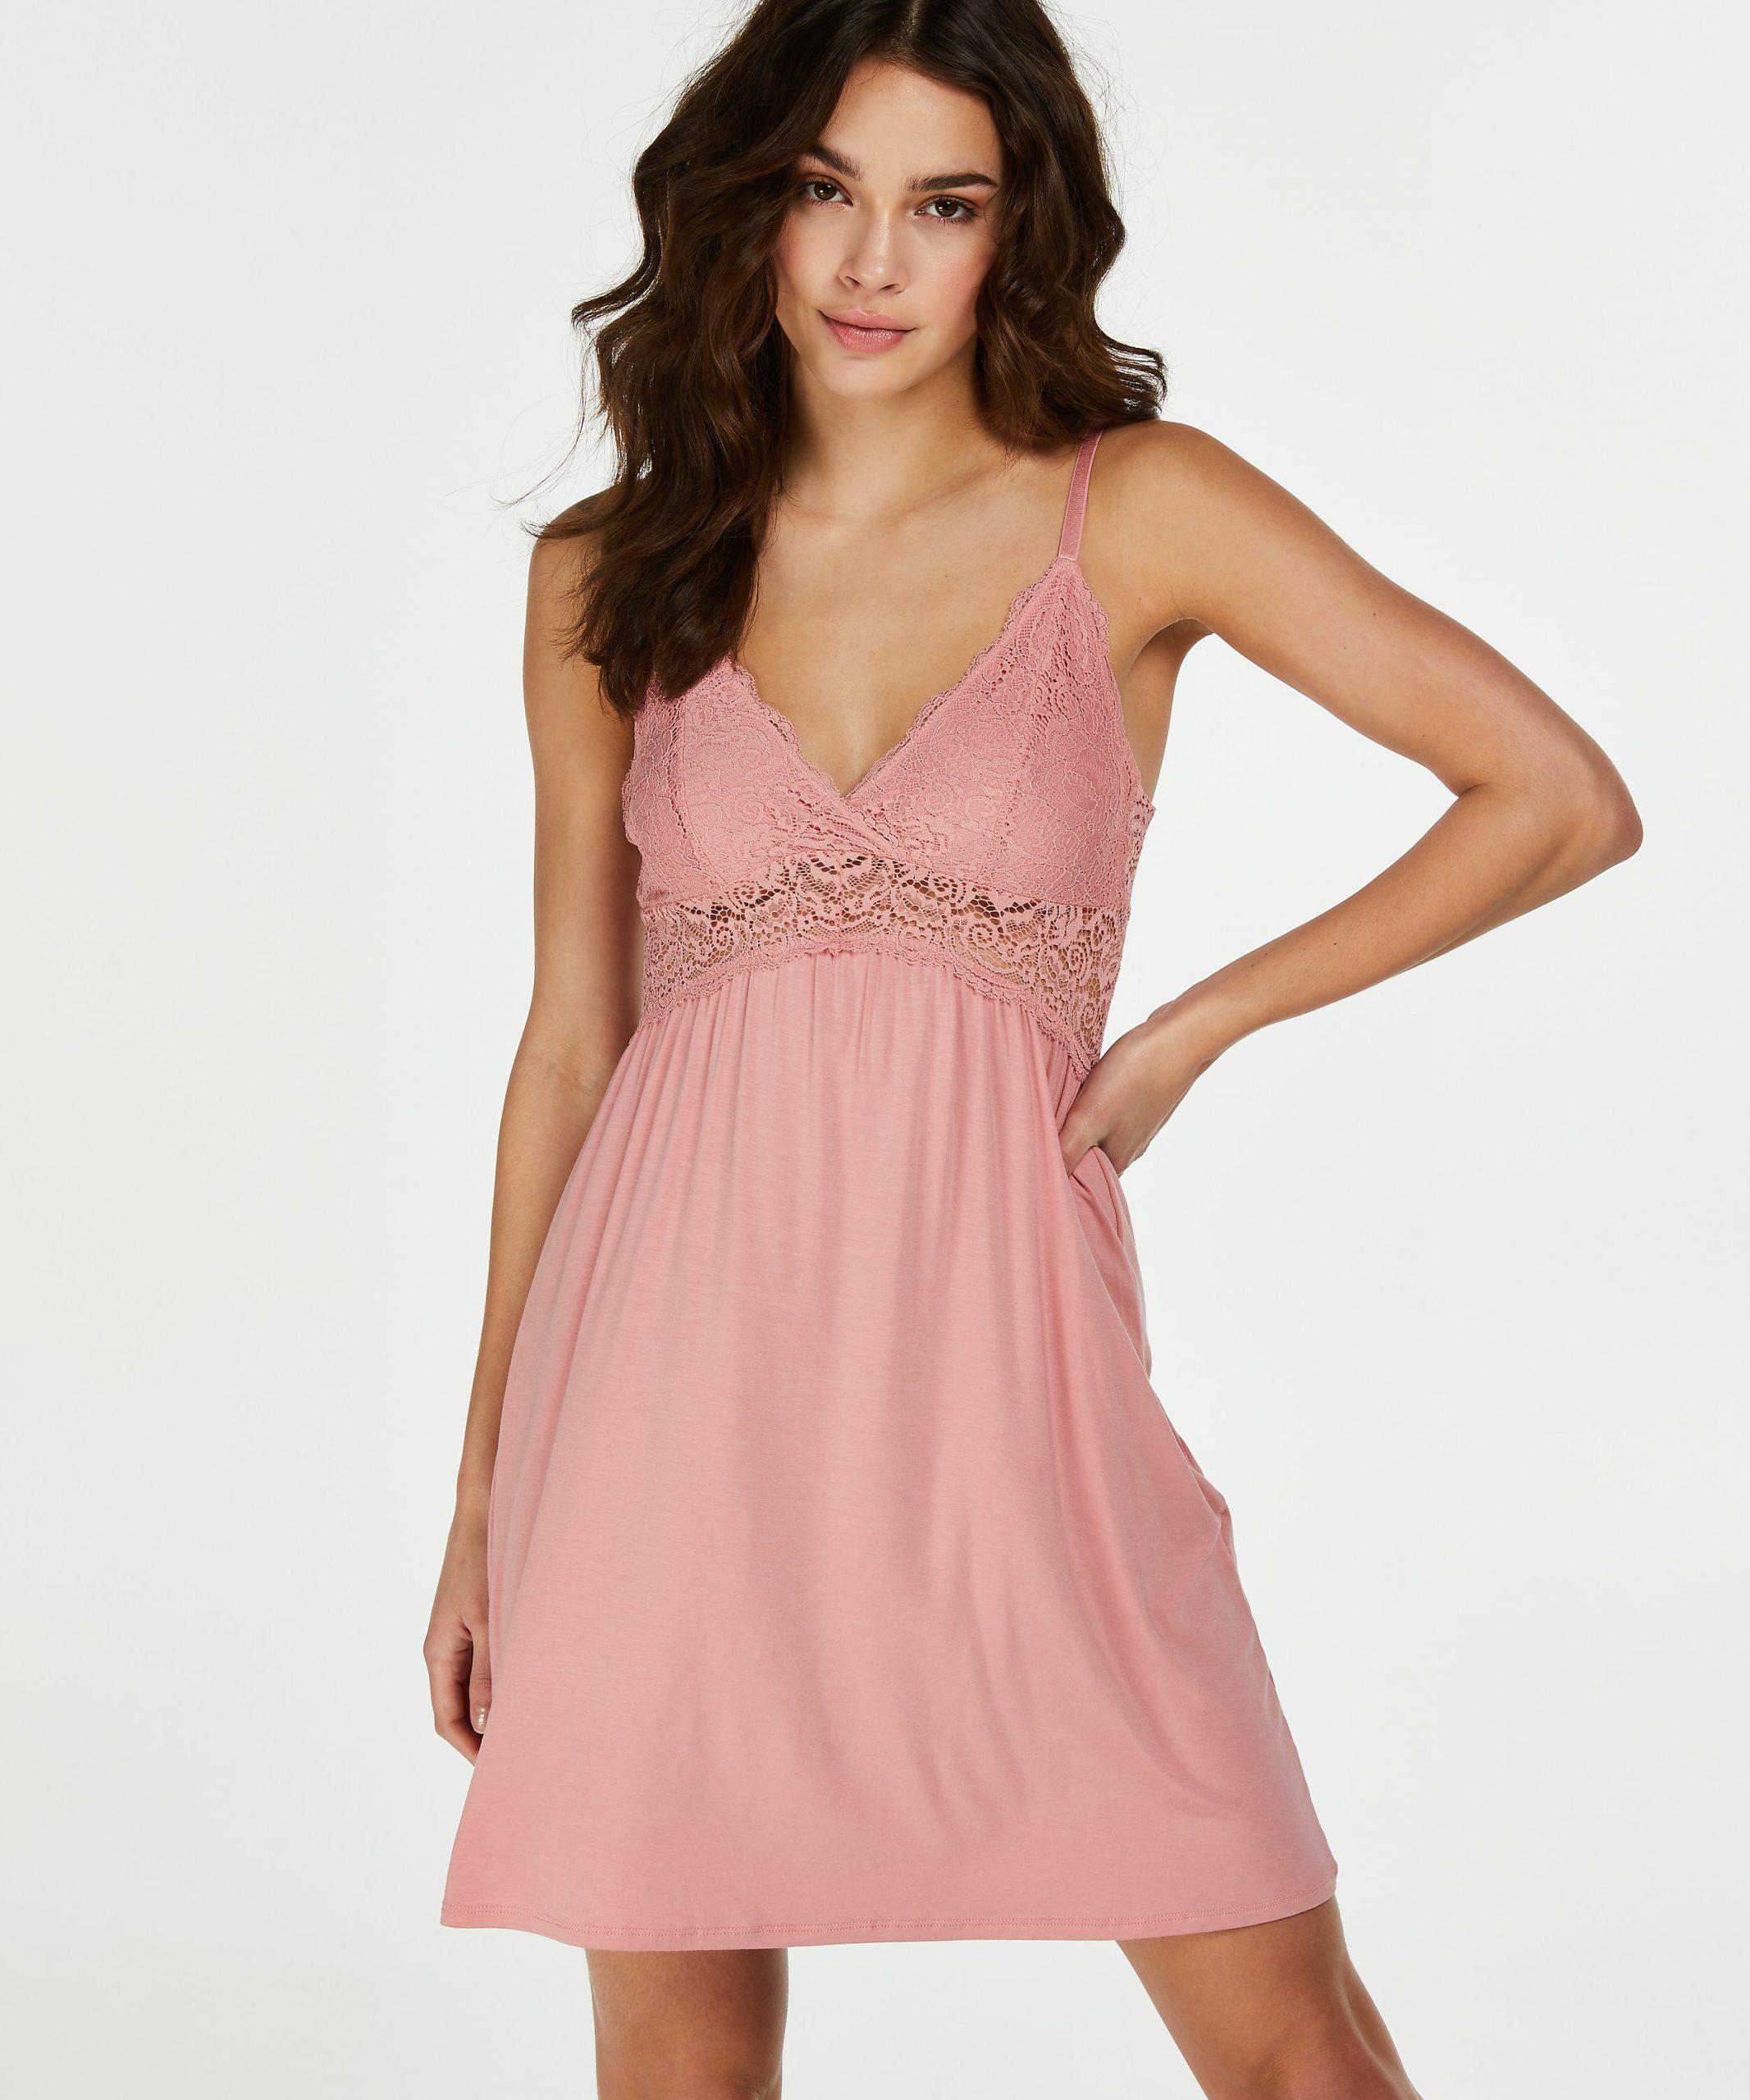 Underklänning/nattlinne i rosa spets